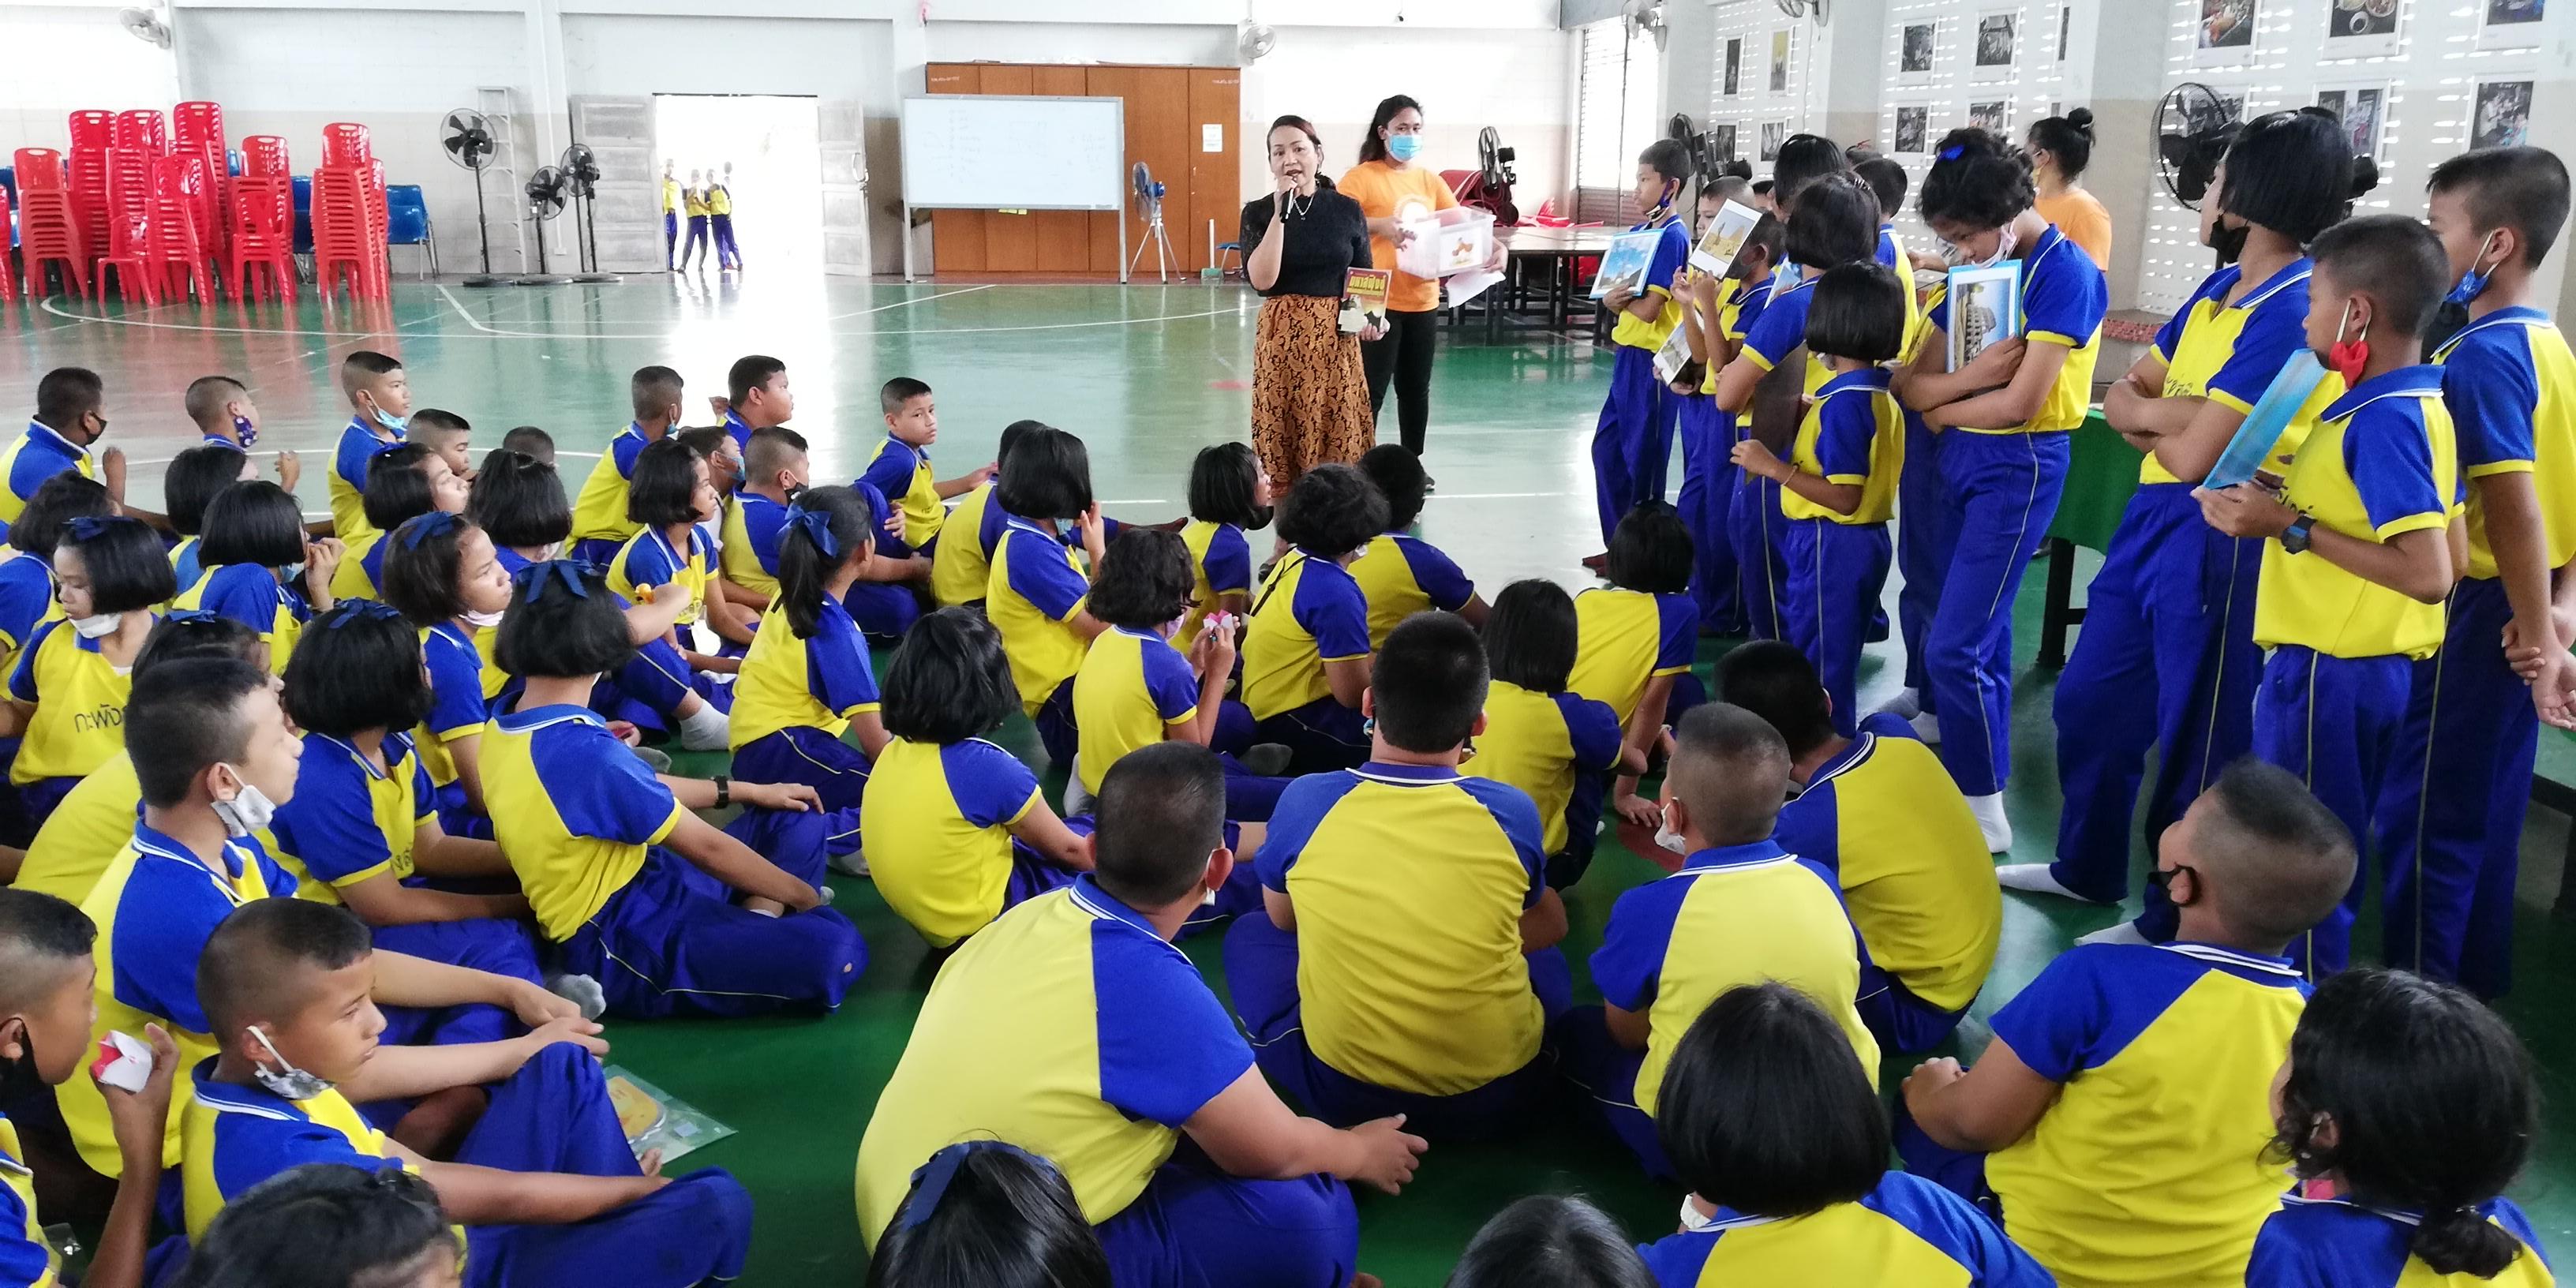 โครงการหอสมุดแห่งชาติสู่สถานศึกษาและชุมชน ประจำปี ๒๕๖๓ (ครั้งที่ ๔)